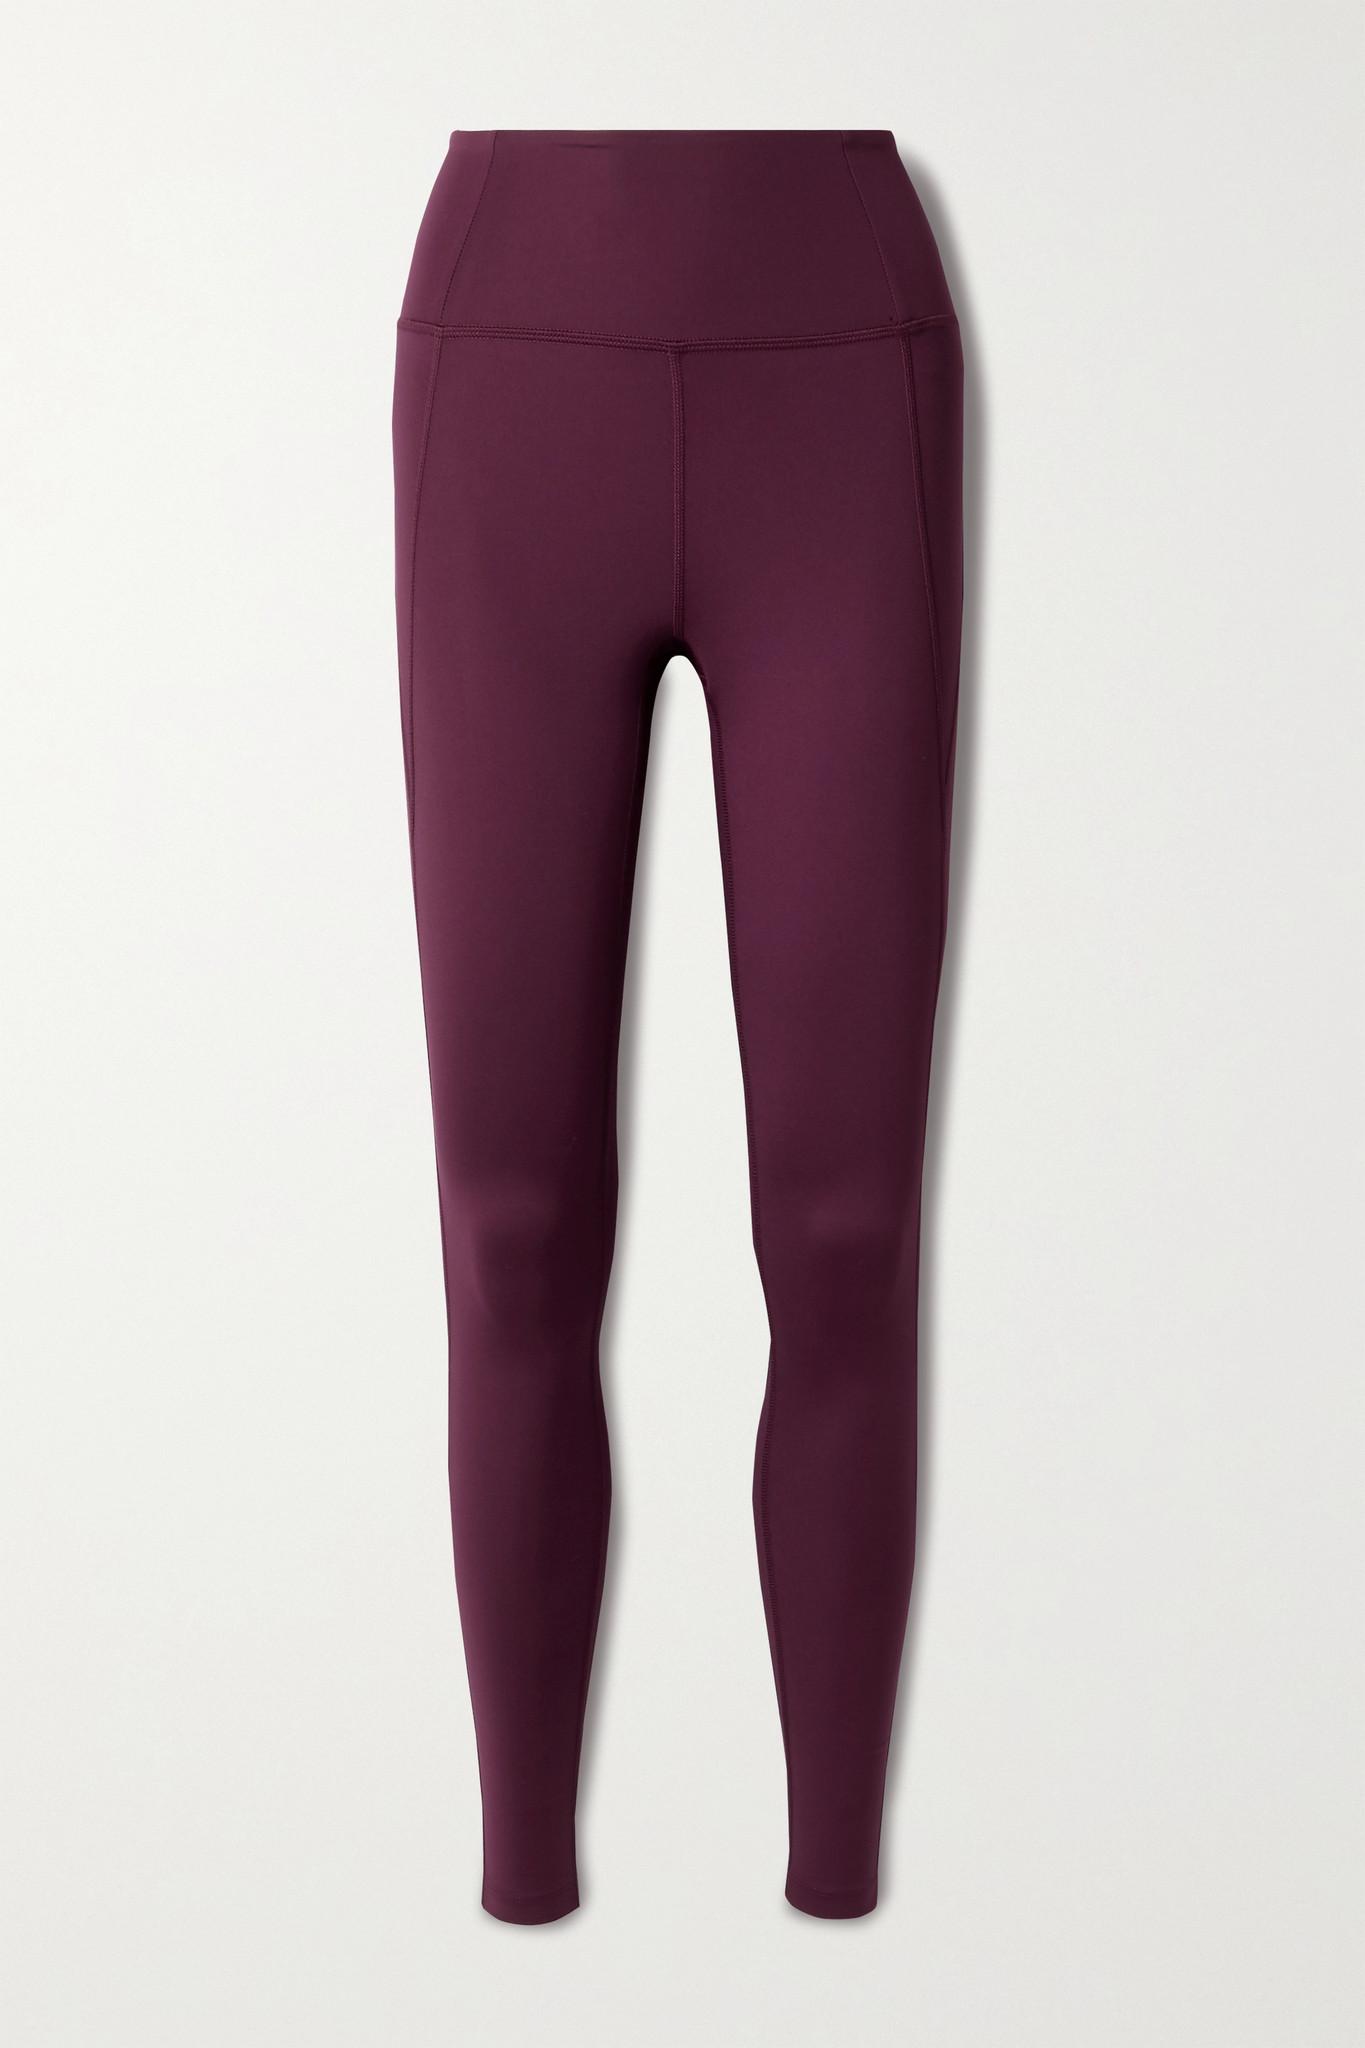 GIRLFRIEND COLLECTIVE - Compressive Stretch Leggings - Purple - XL